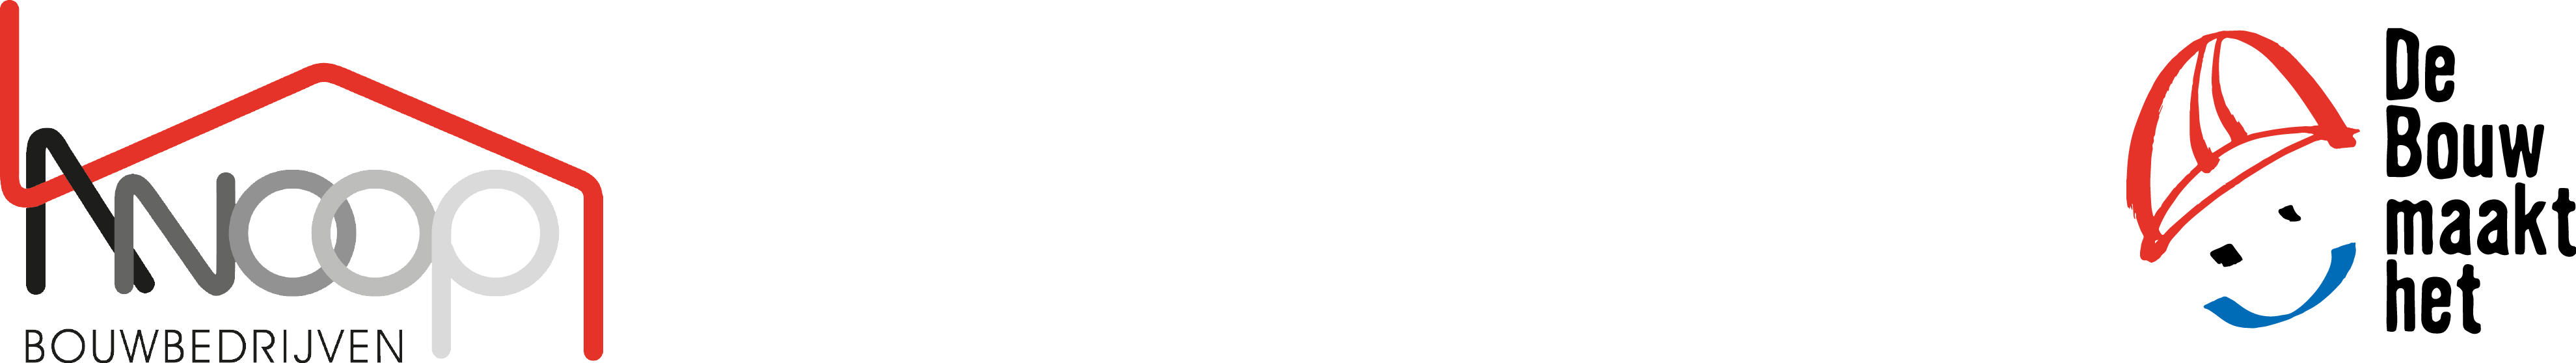 Bouwbedrijf J.C. Knoop – Arkel